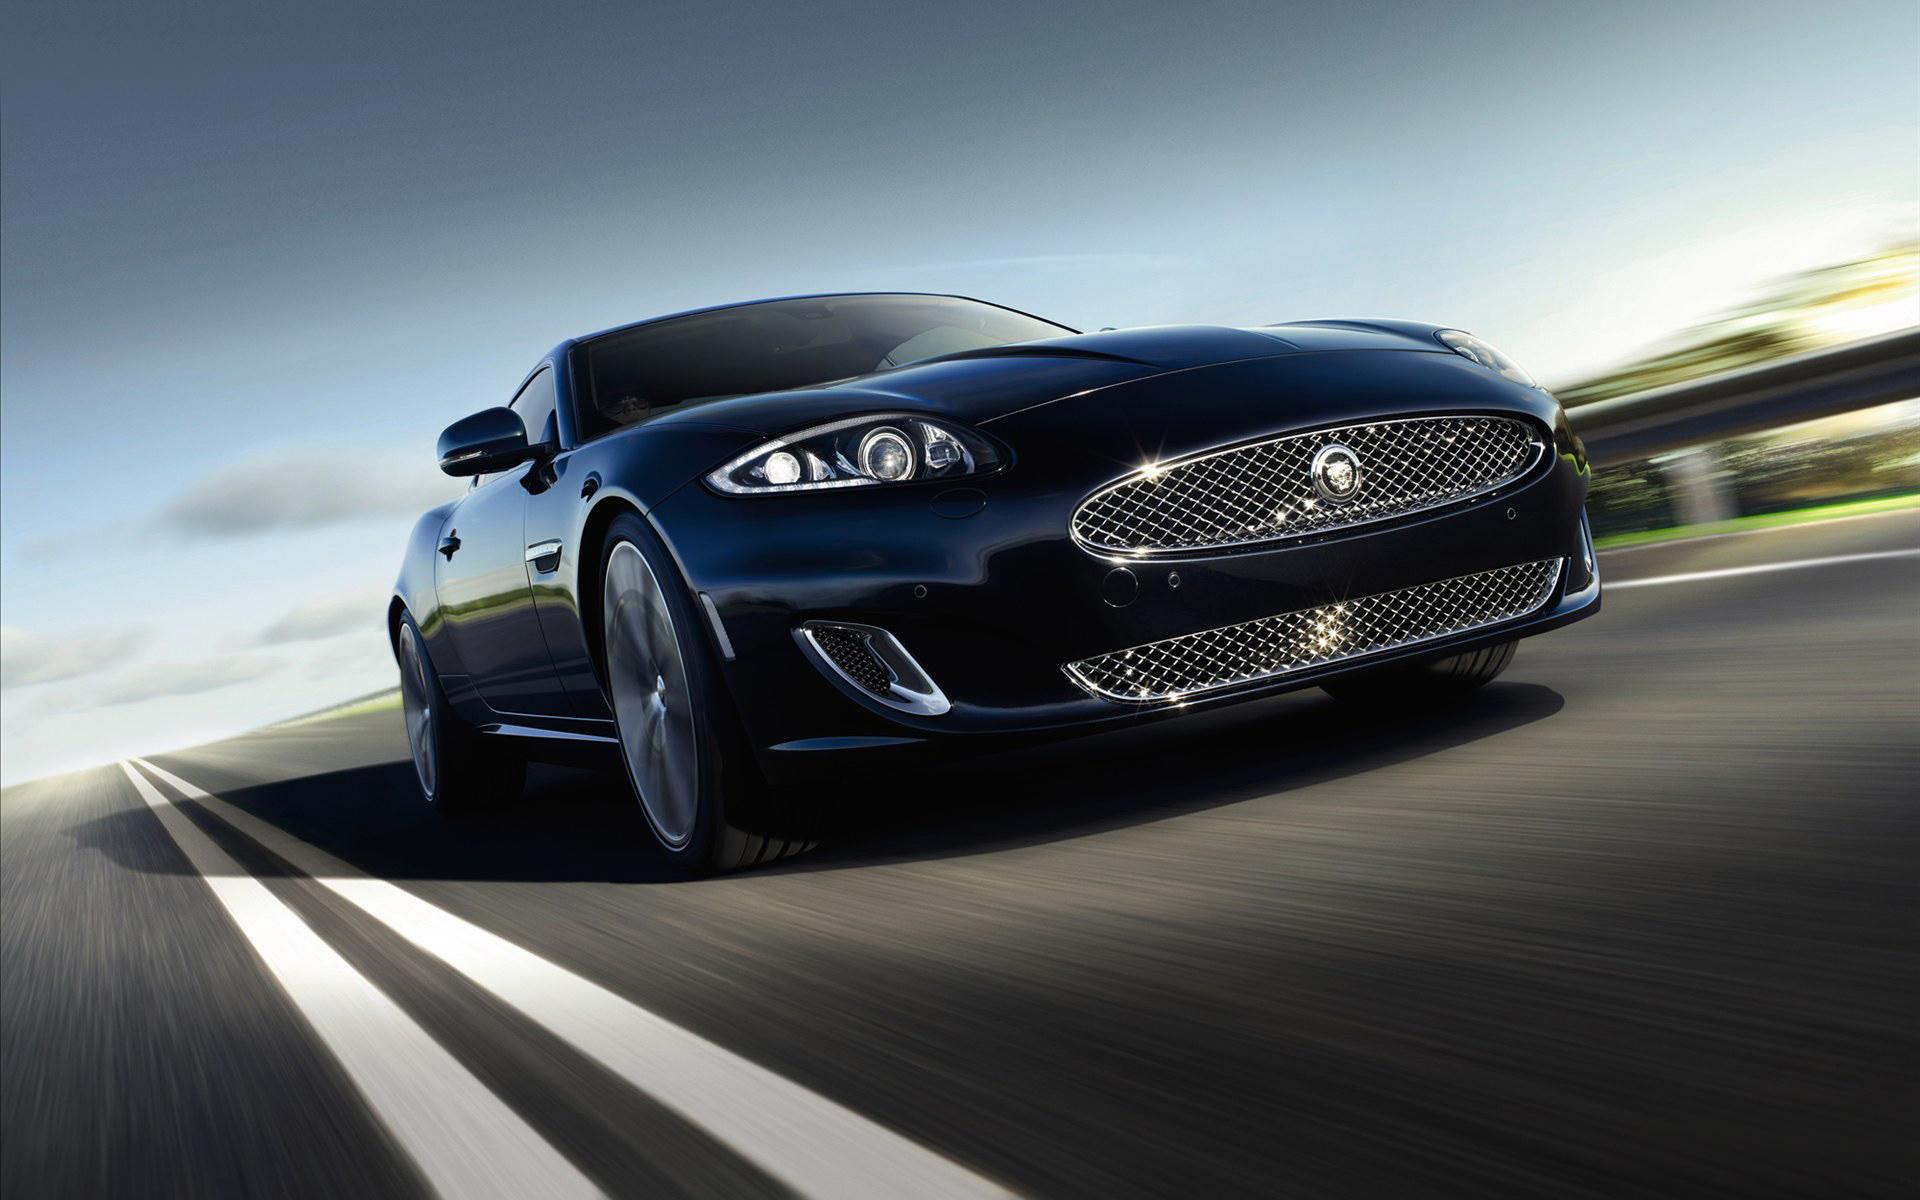 jaguar car wallpaper hd - photo #23